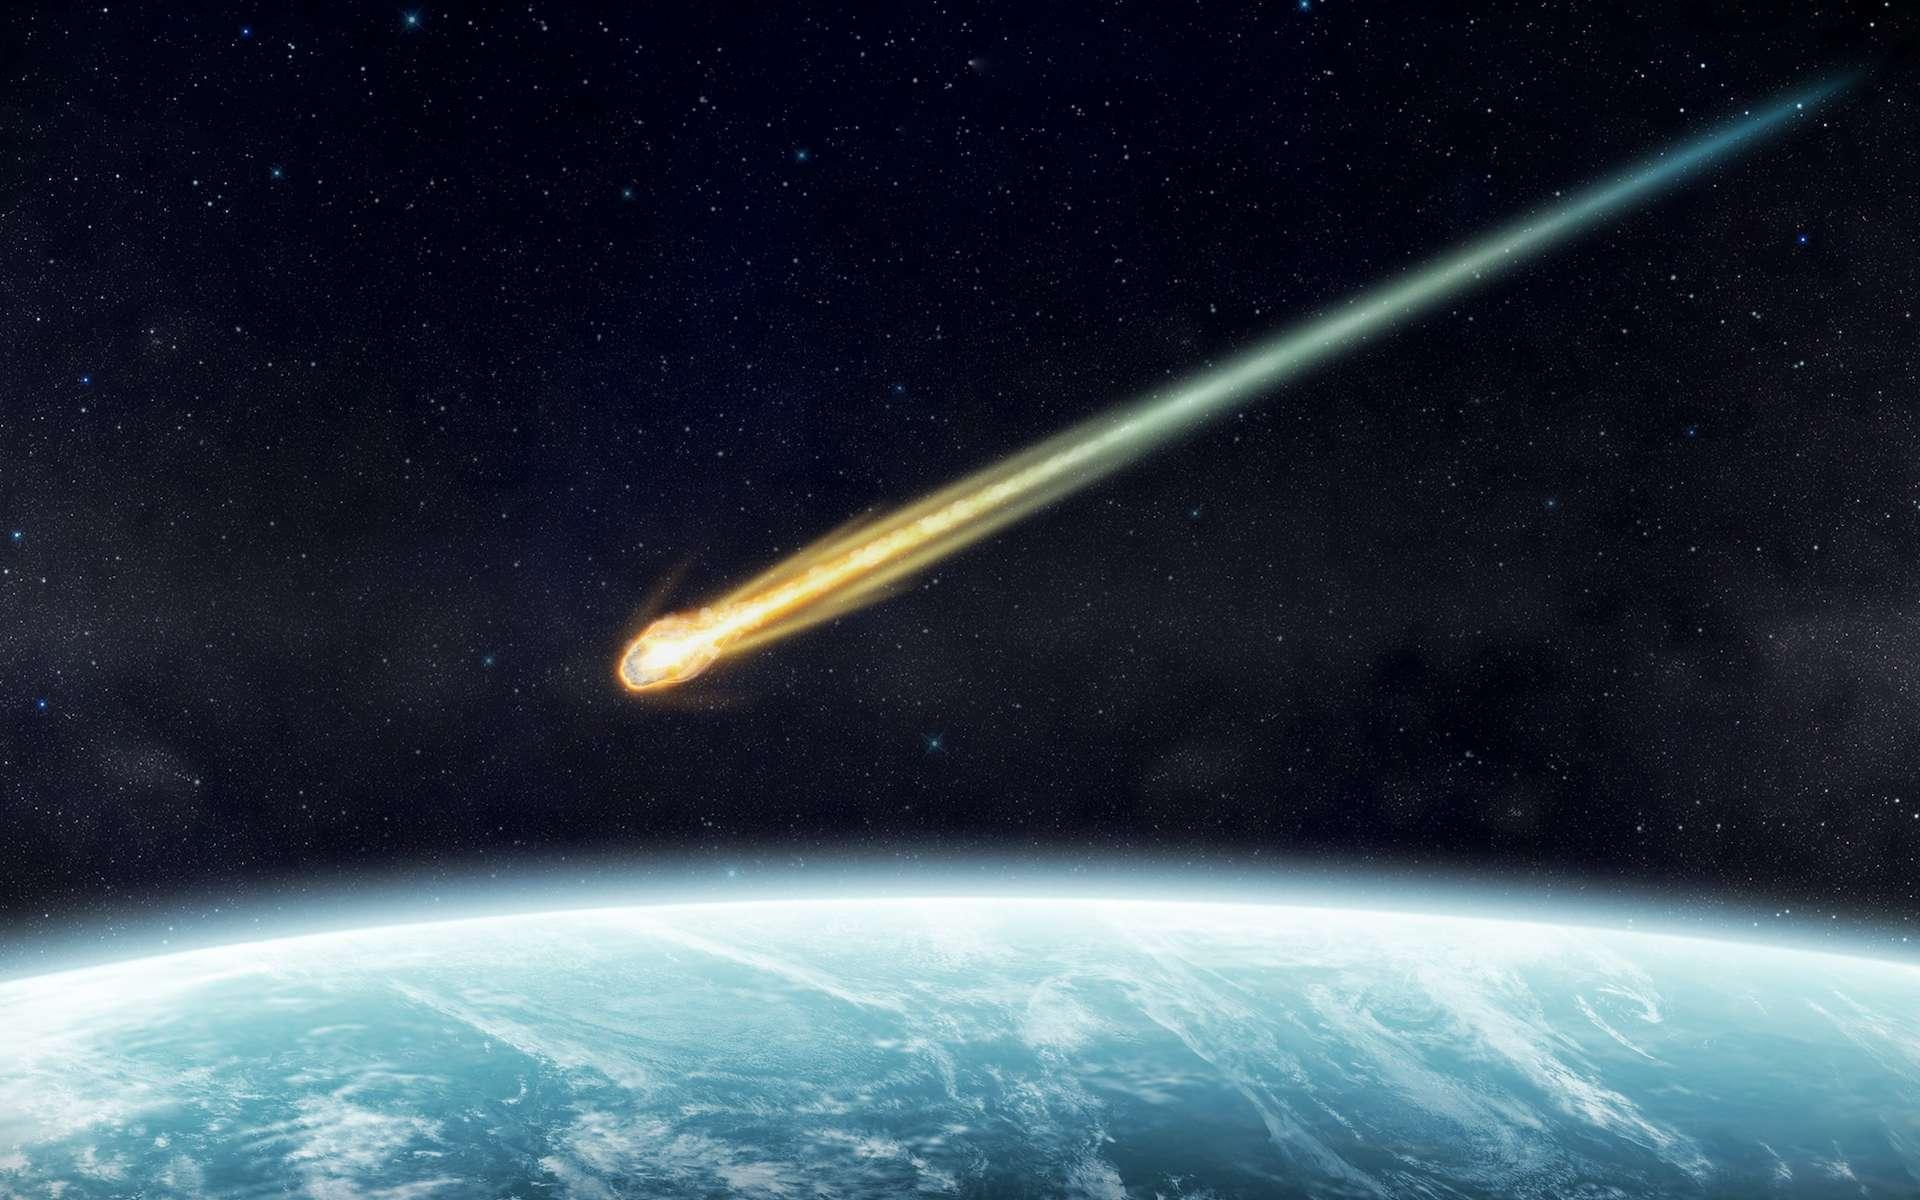 Un bolide rasant est un météoroïde qui pénètre dans l'atmosphère terrestre pour en ressortir. © sdecoret, Adobe Stock